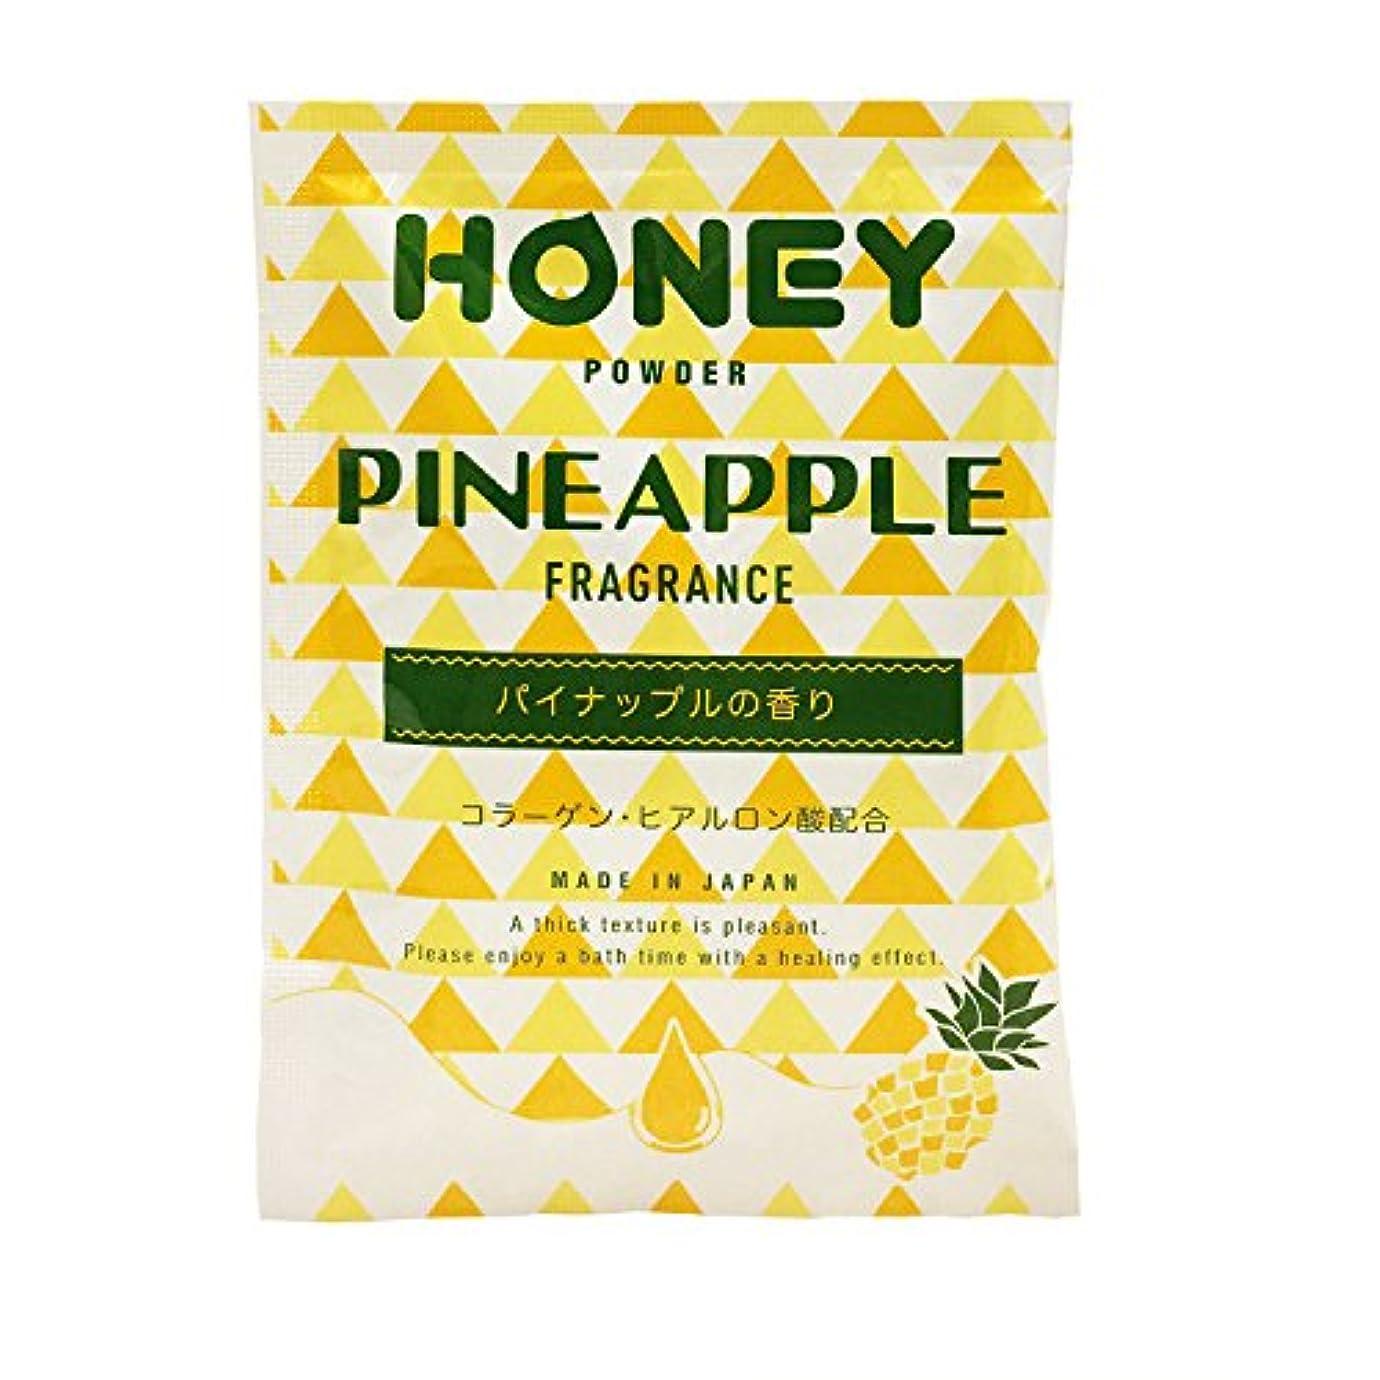 メンテナンス大工のぞき見とろとろ入浴剤【honey powder】(ハニーパウダー) 2個セット パイナップルの香り 粉末タイプ ローション